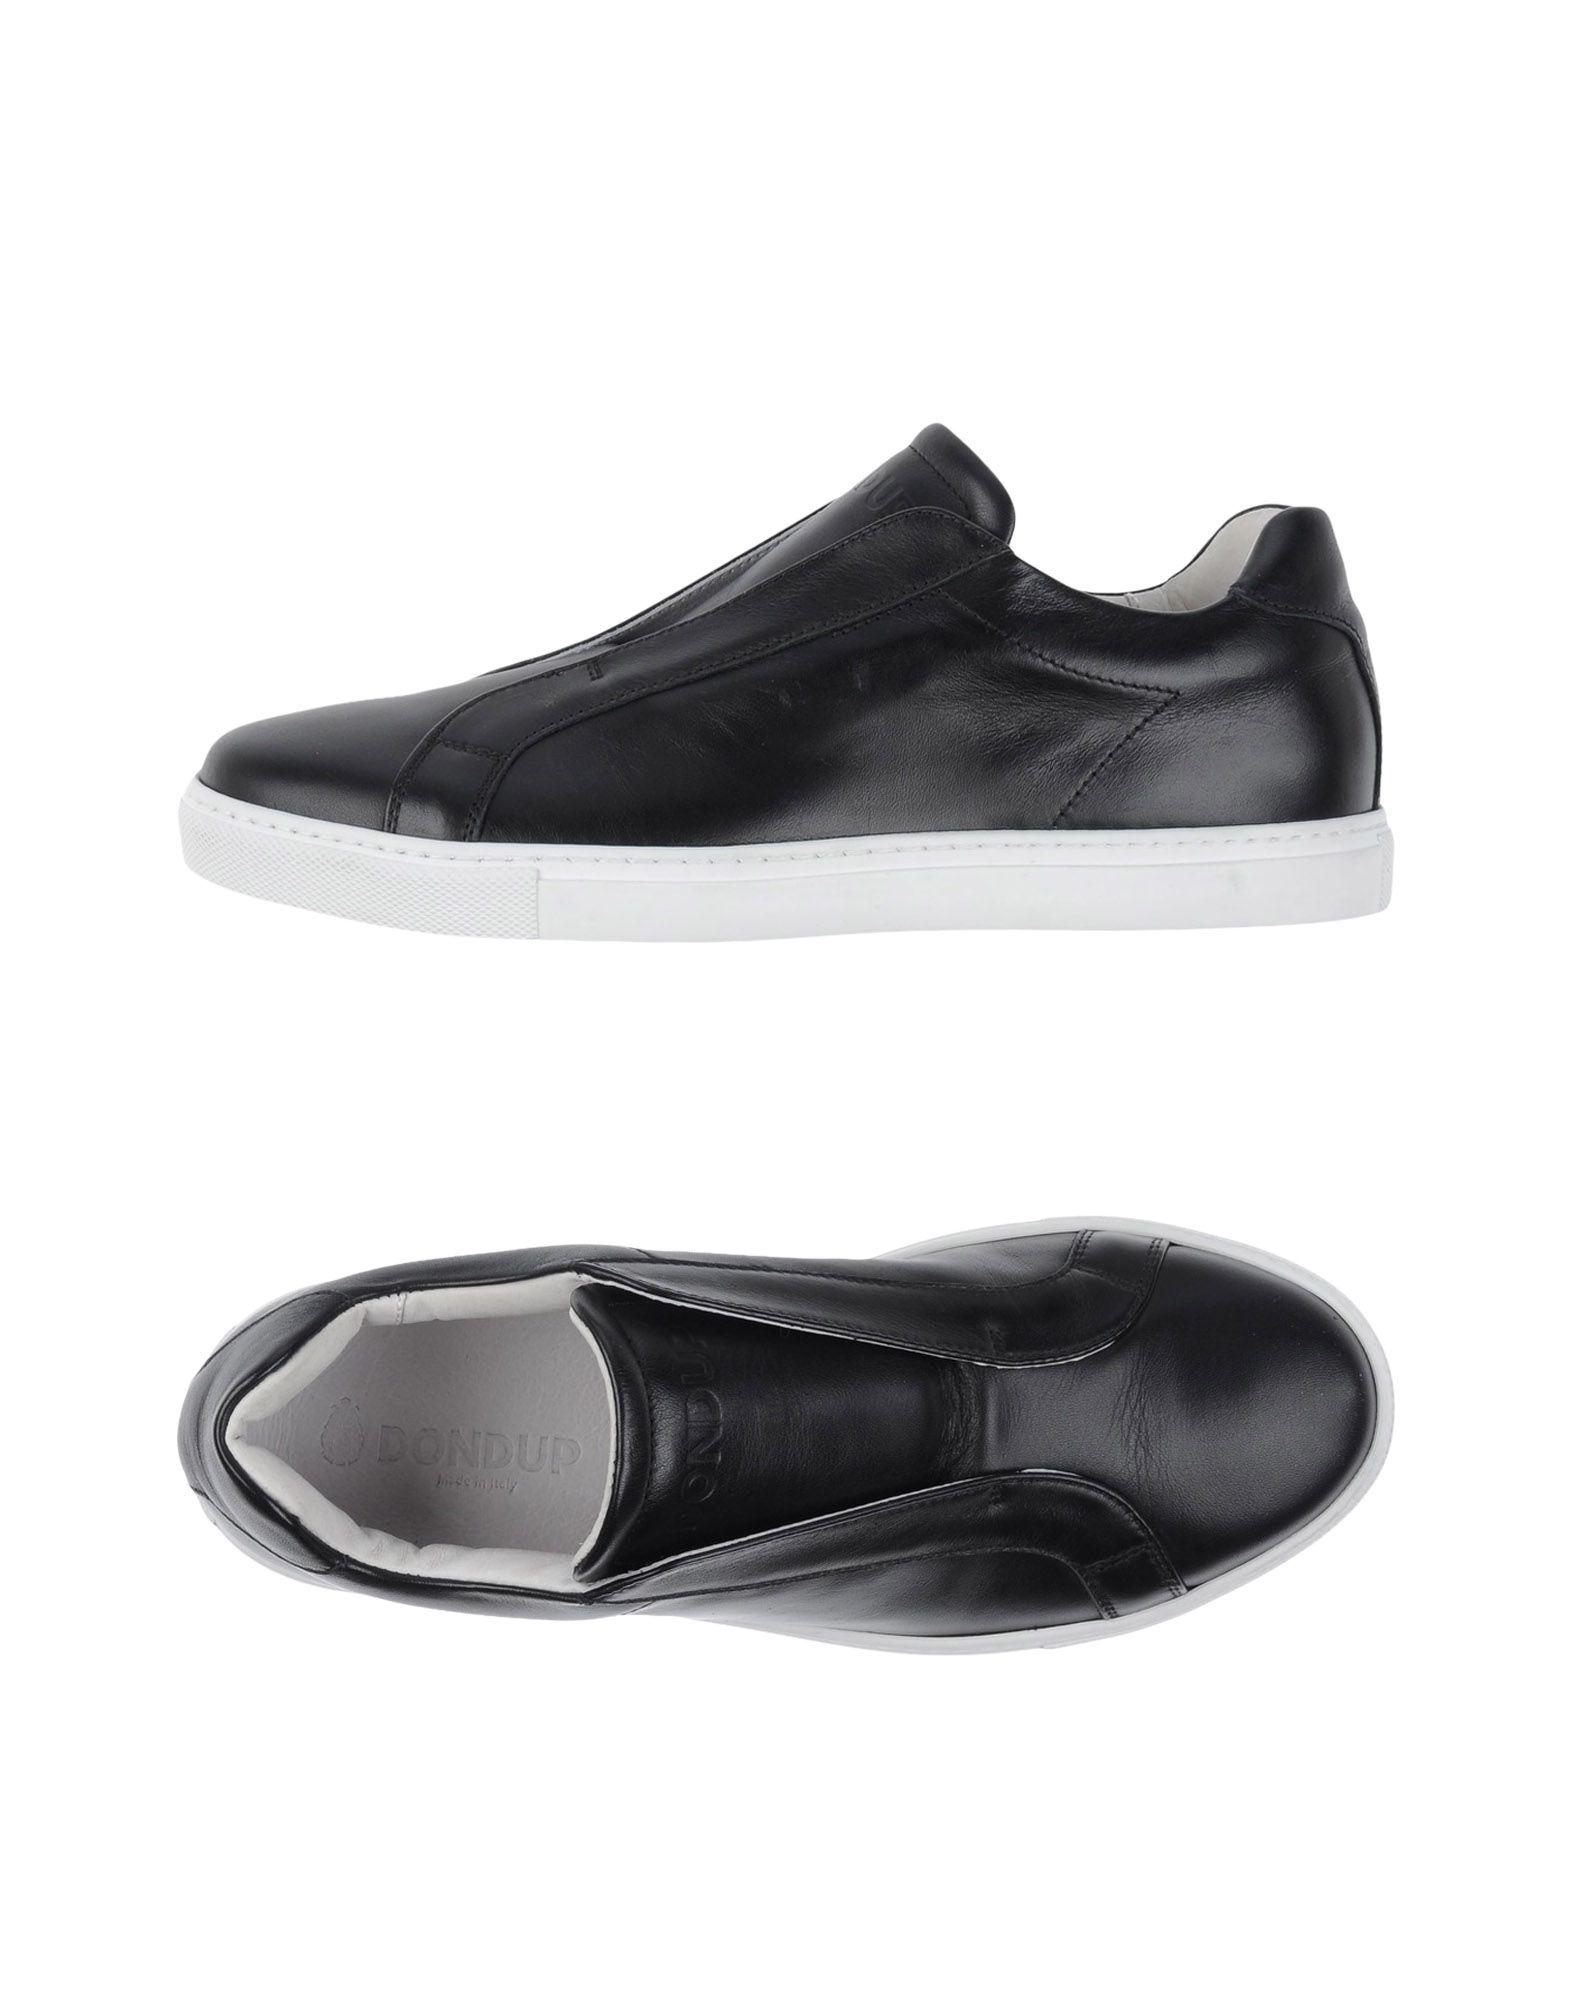 Dondup Sneakers Herren Herren Sneakers  11277830US db45ff